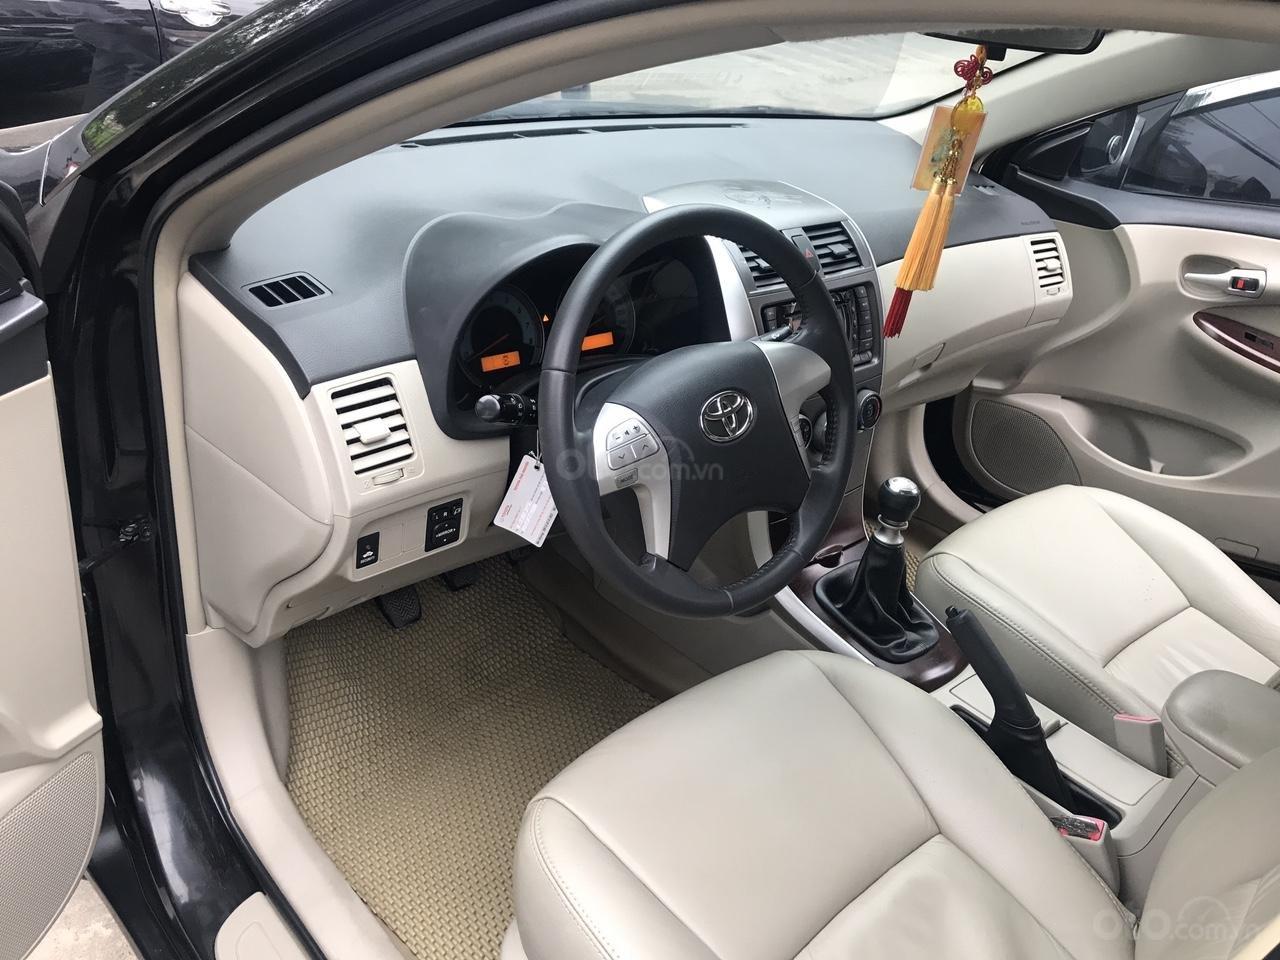 Bán xe Toyota Corolla Altis 1.8G năm sản xuất 2011, màu đen, cực mới siêu lướt-3